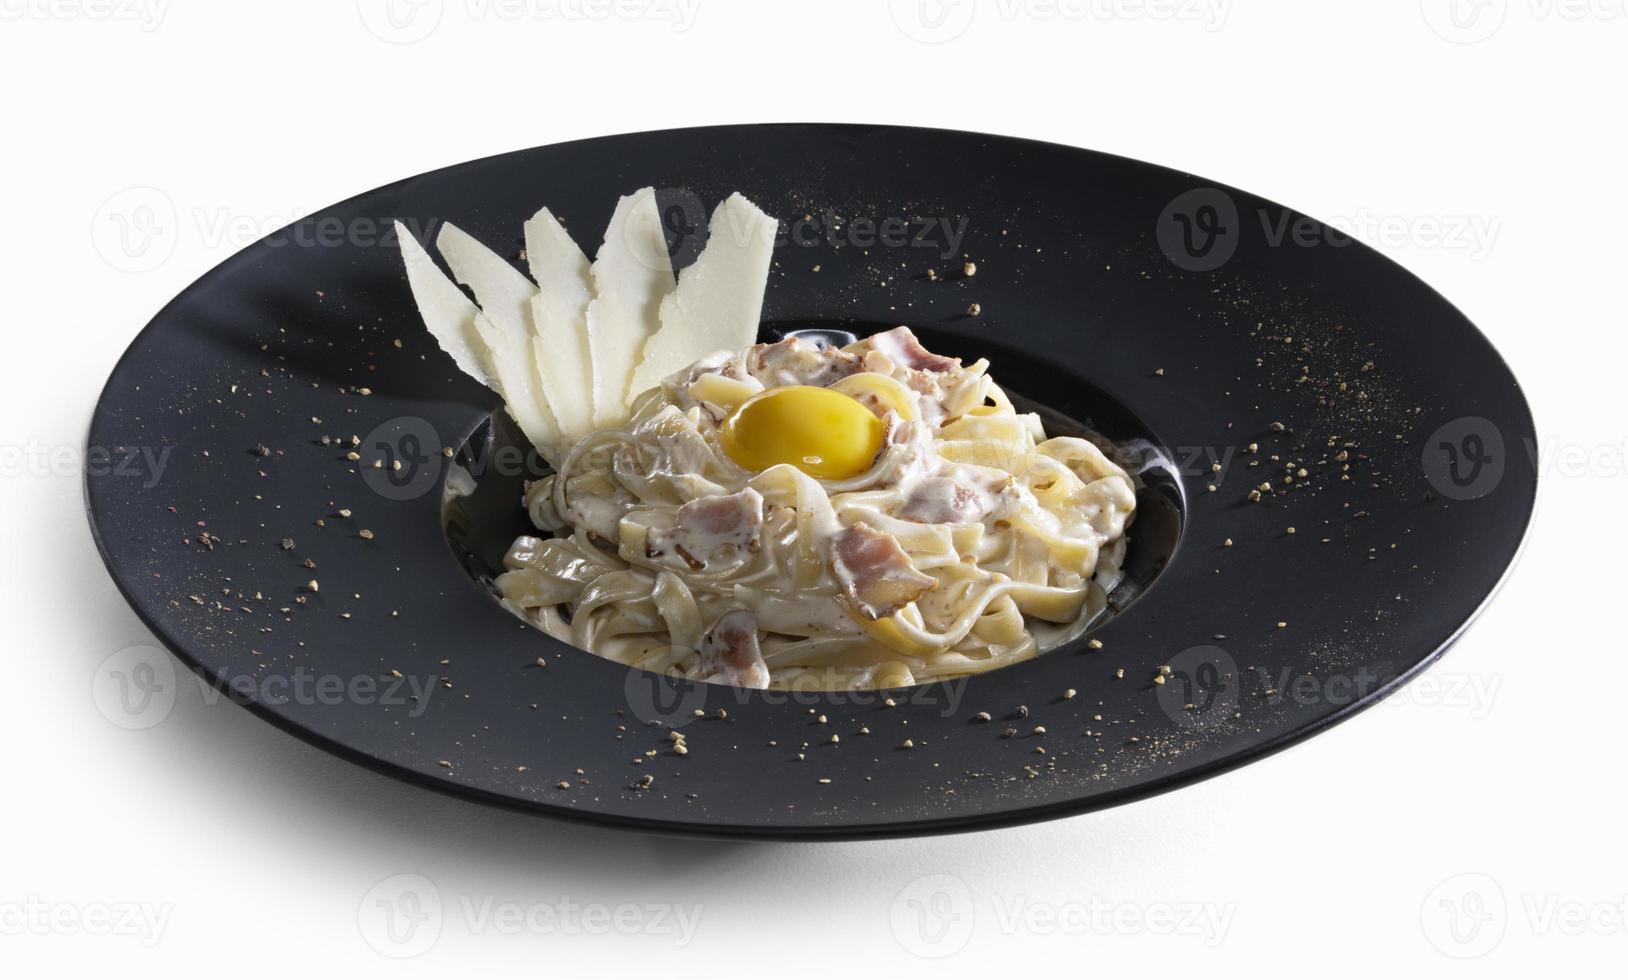 pâtes carbonara décorées de tranches de parmesan et de jaune d'œuf isolés photo